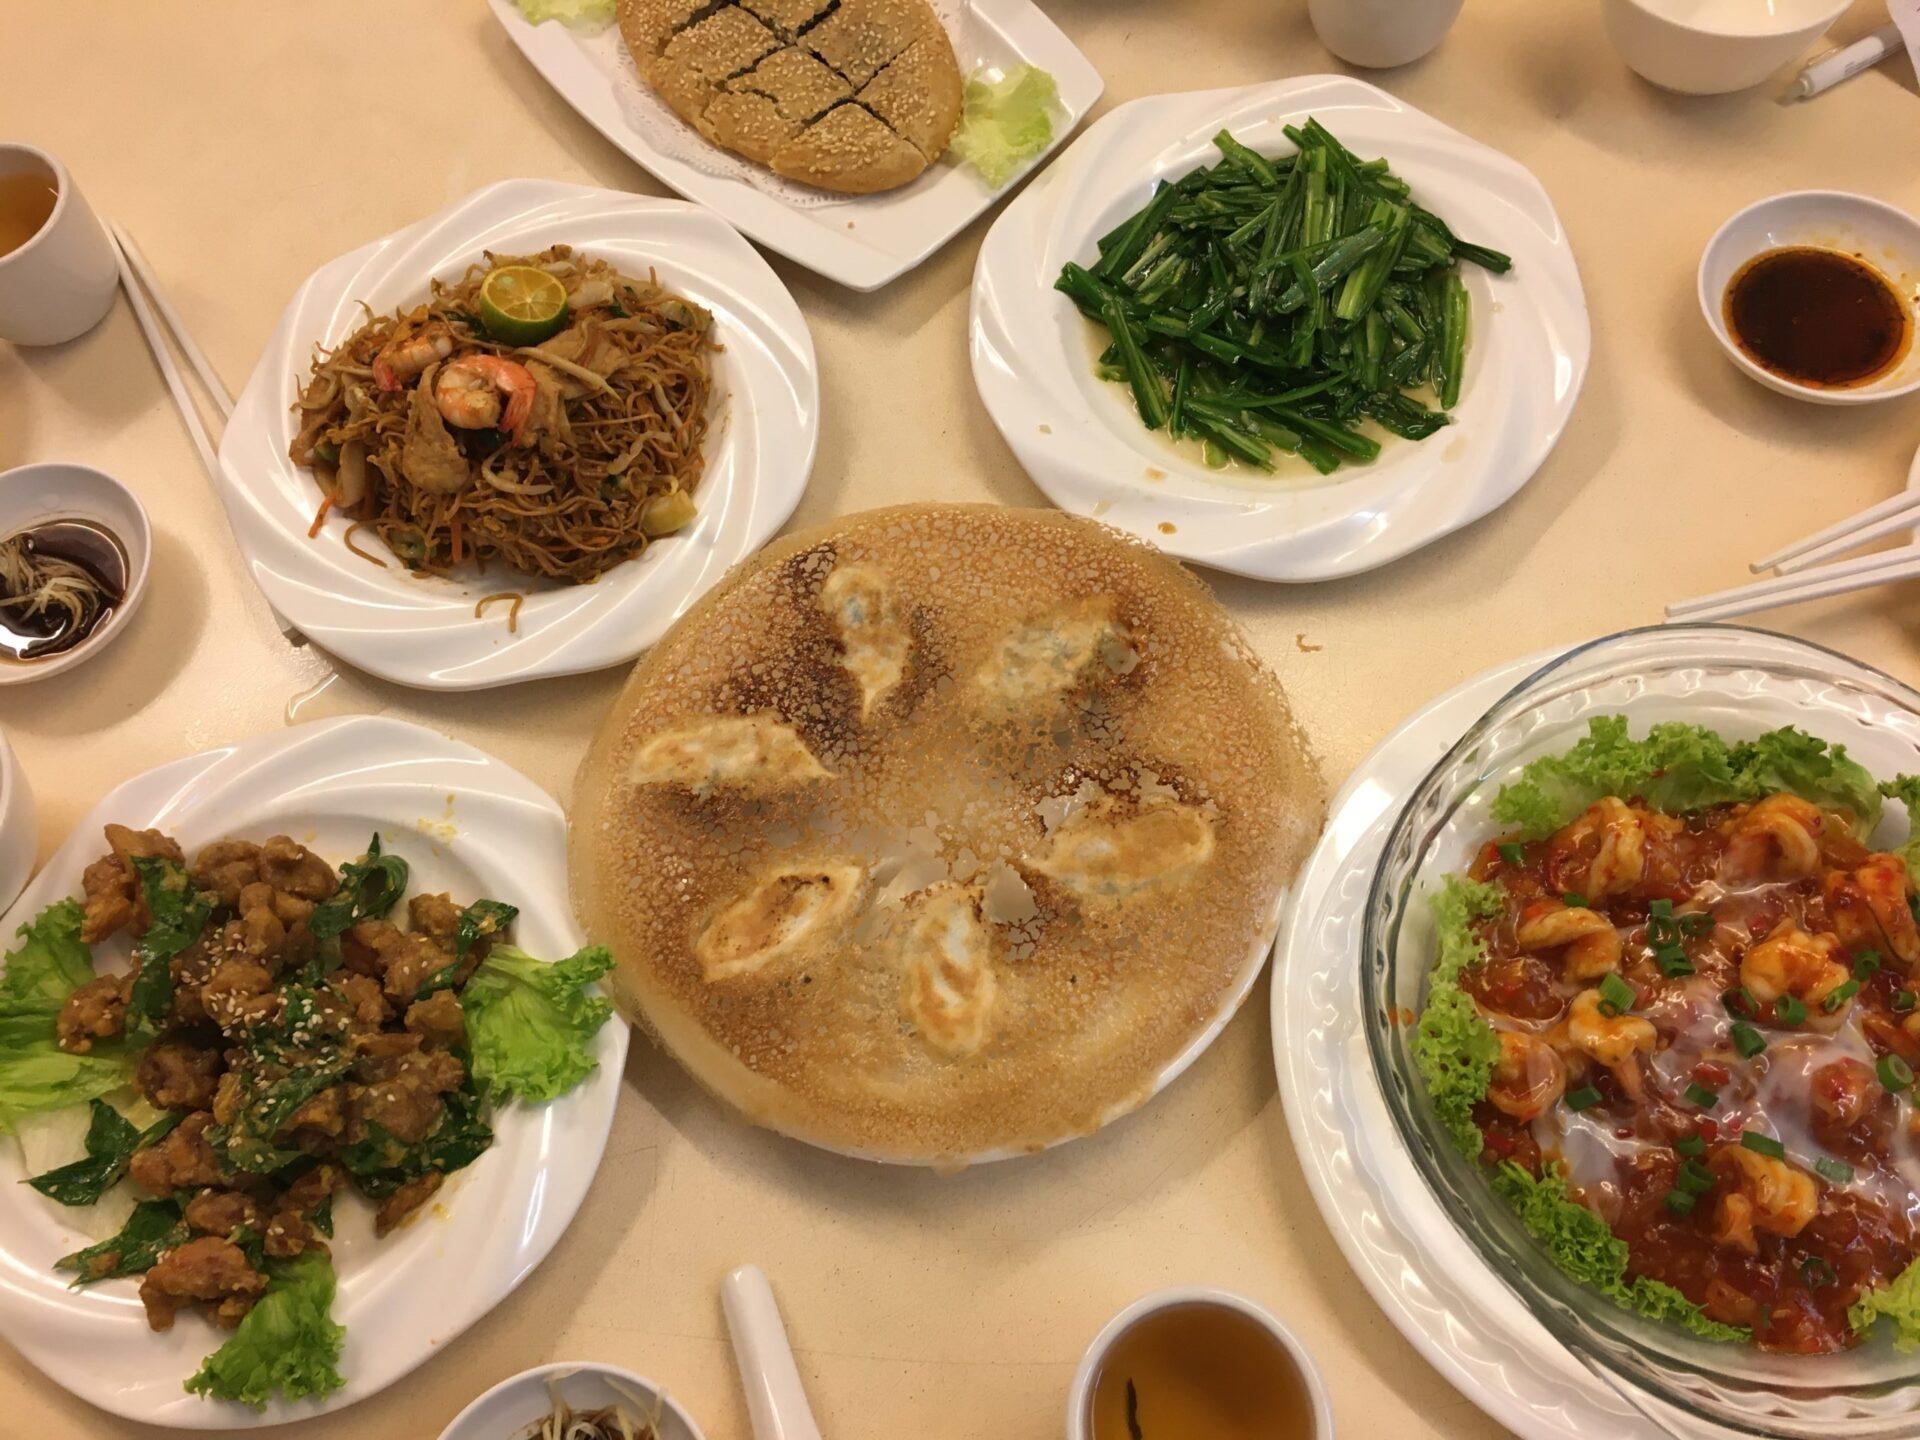 日本人好みの中華料理が160種類も!日本語でオーダーできるアットホームなお店 【南北名廚】